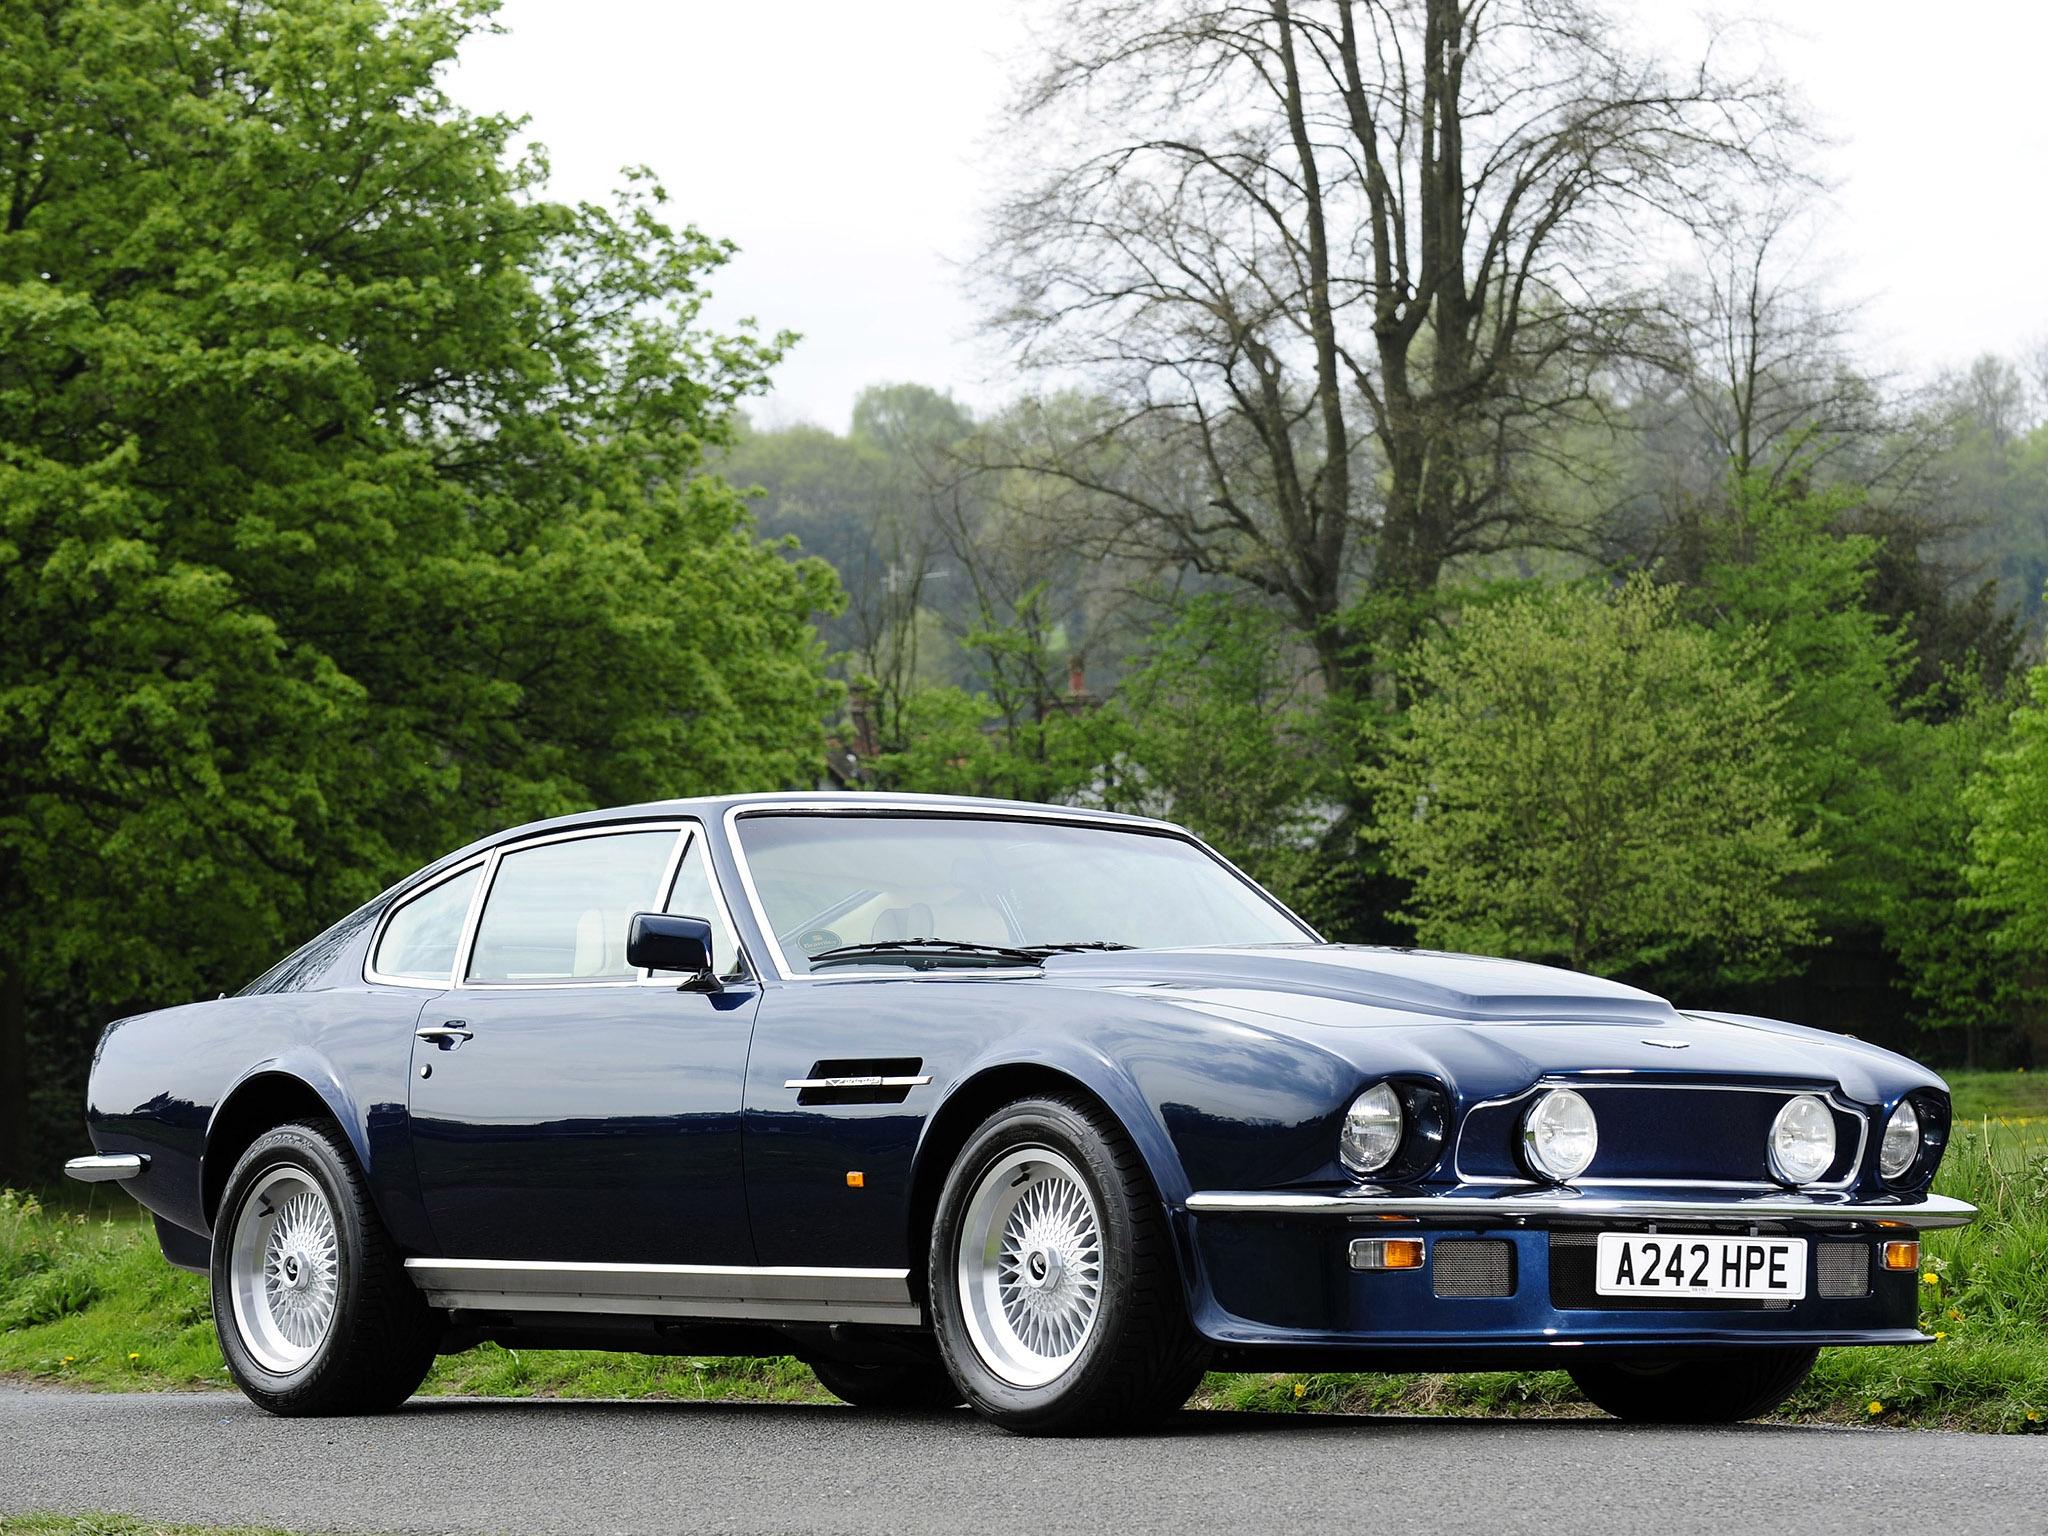 1978 Aston Martin V8 Vantage Partsopen